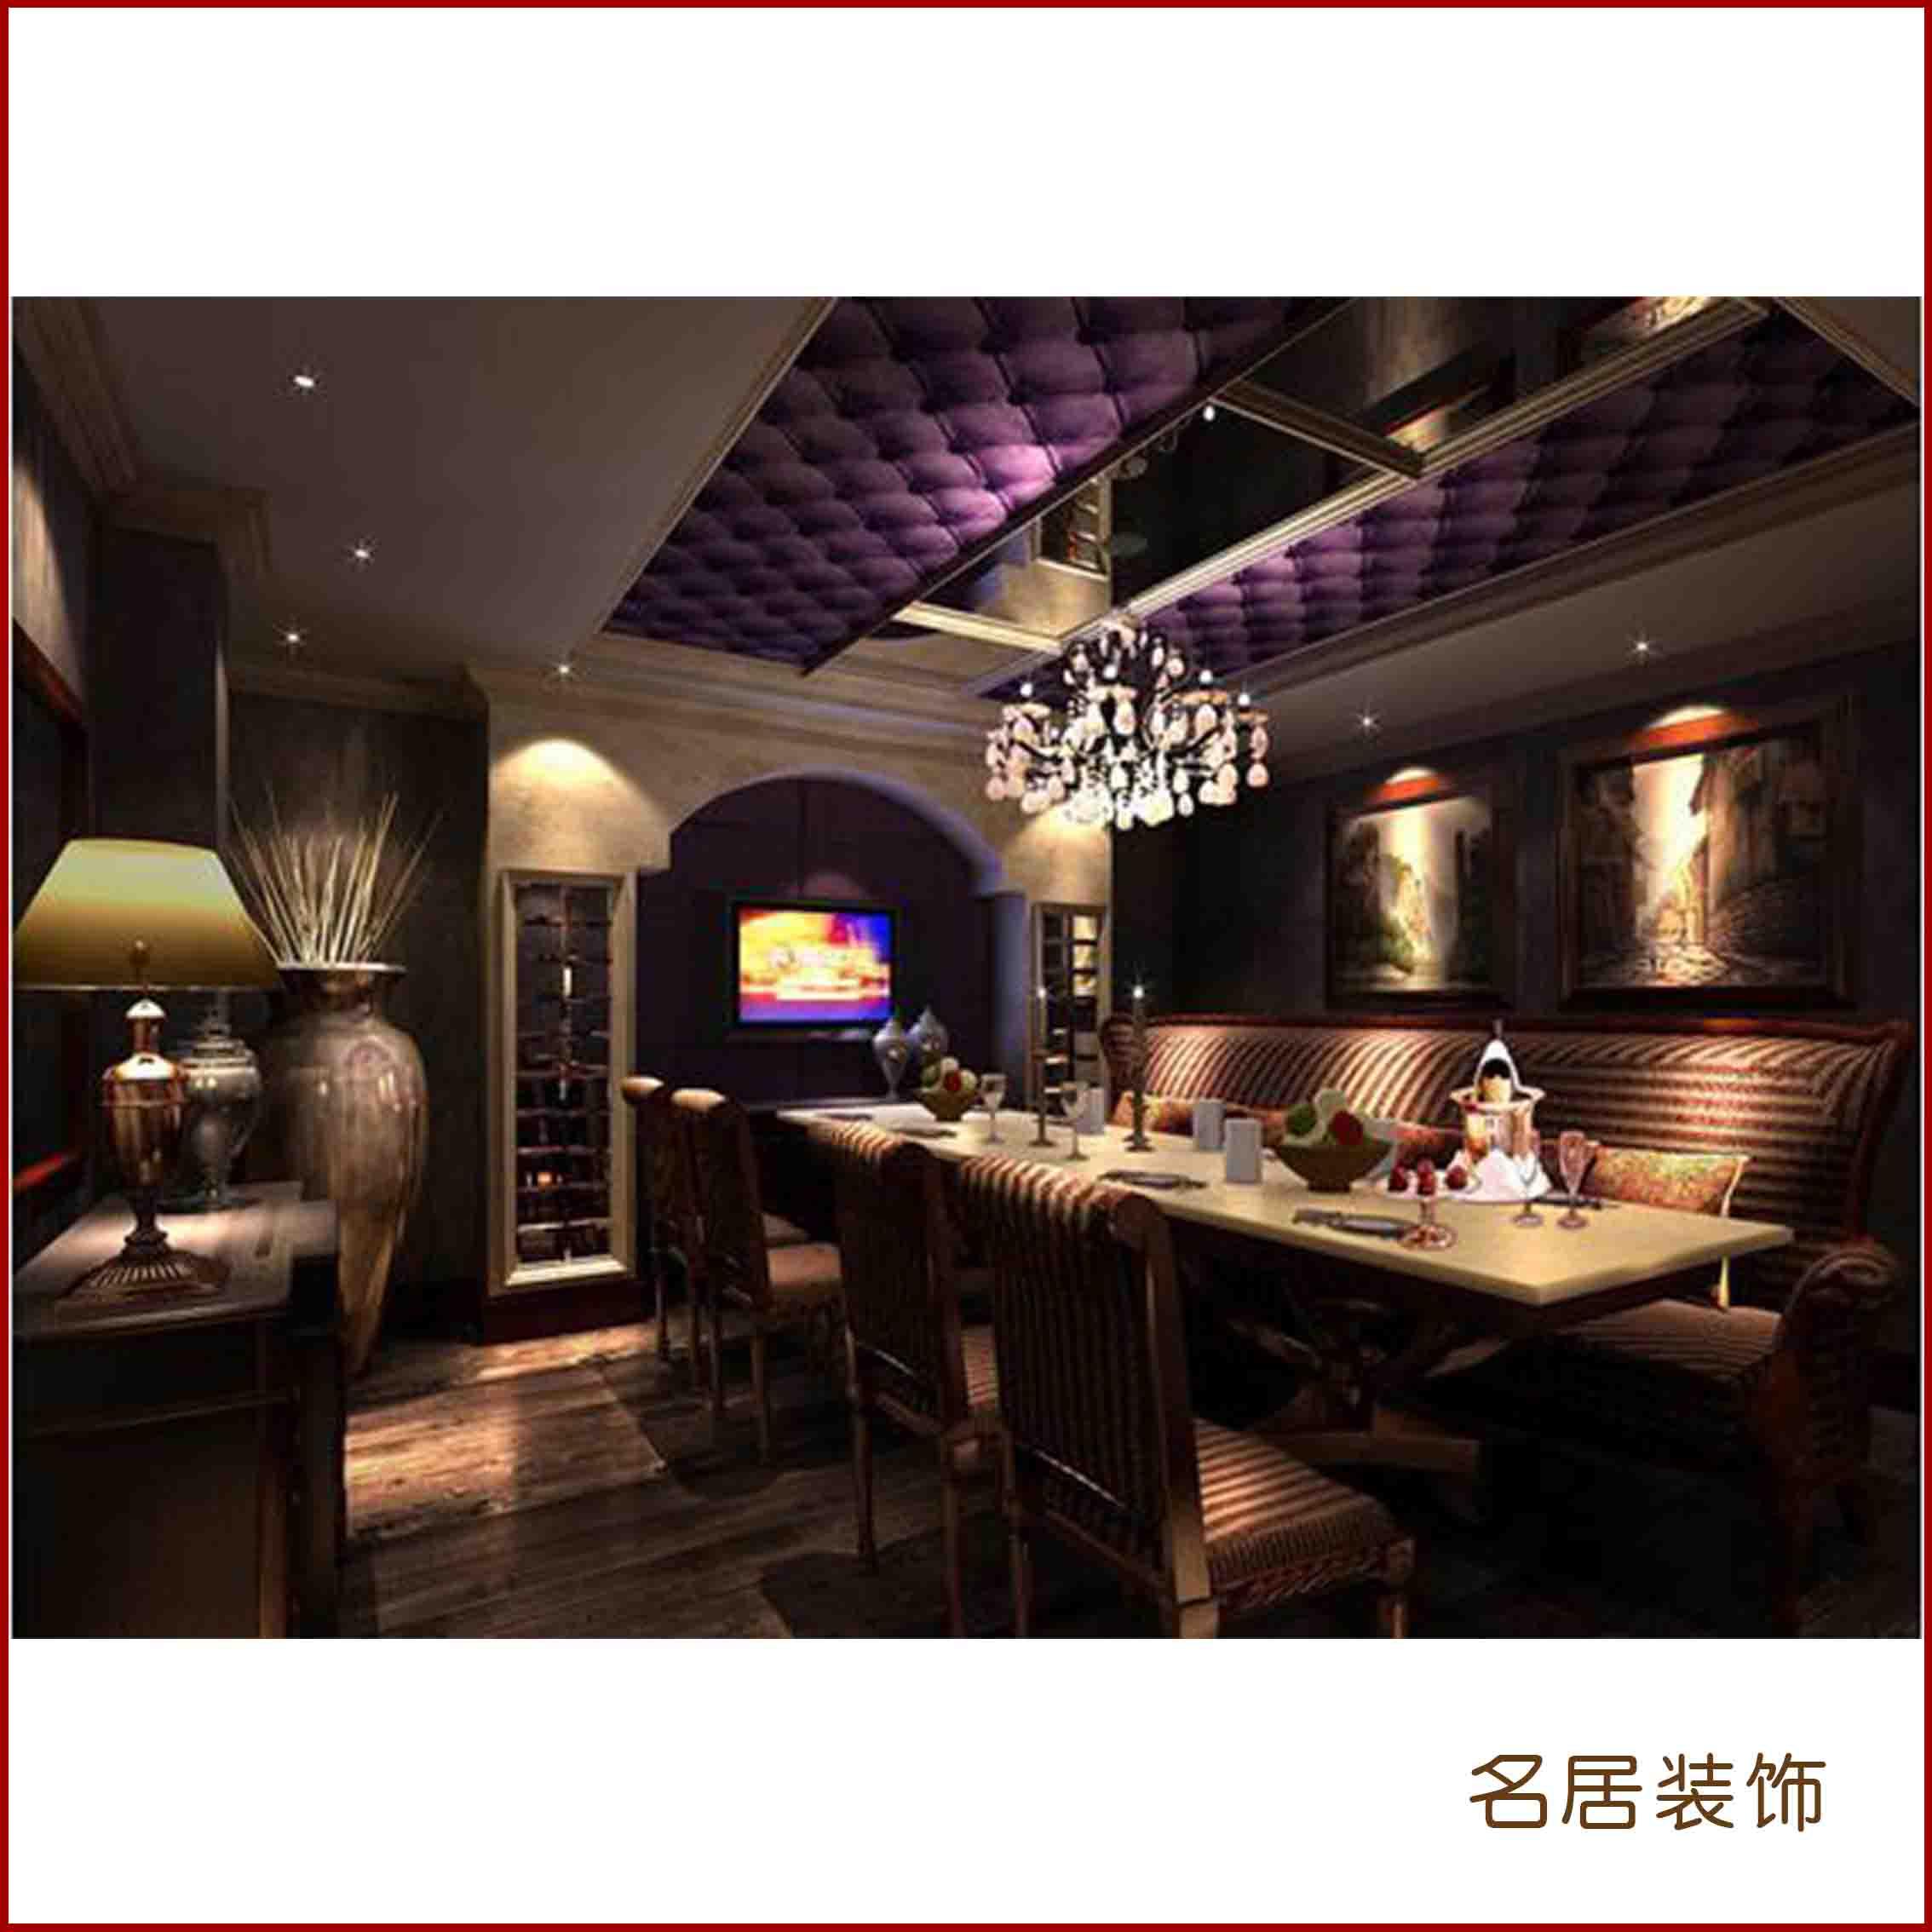 产品名称:咖啡厅装修风格说明和咖啡厅设计理念0088